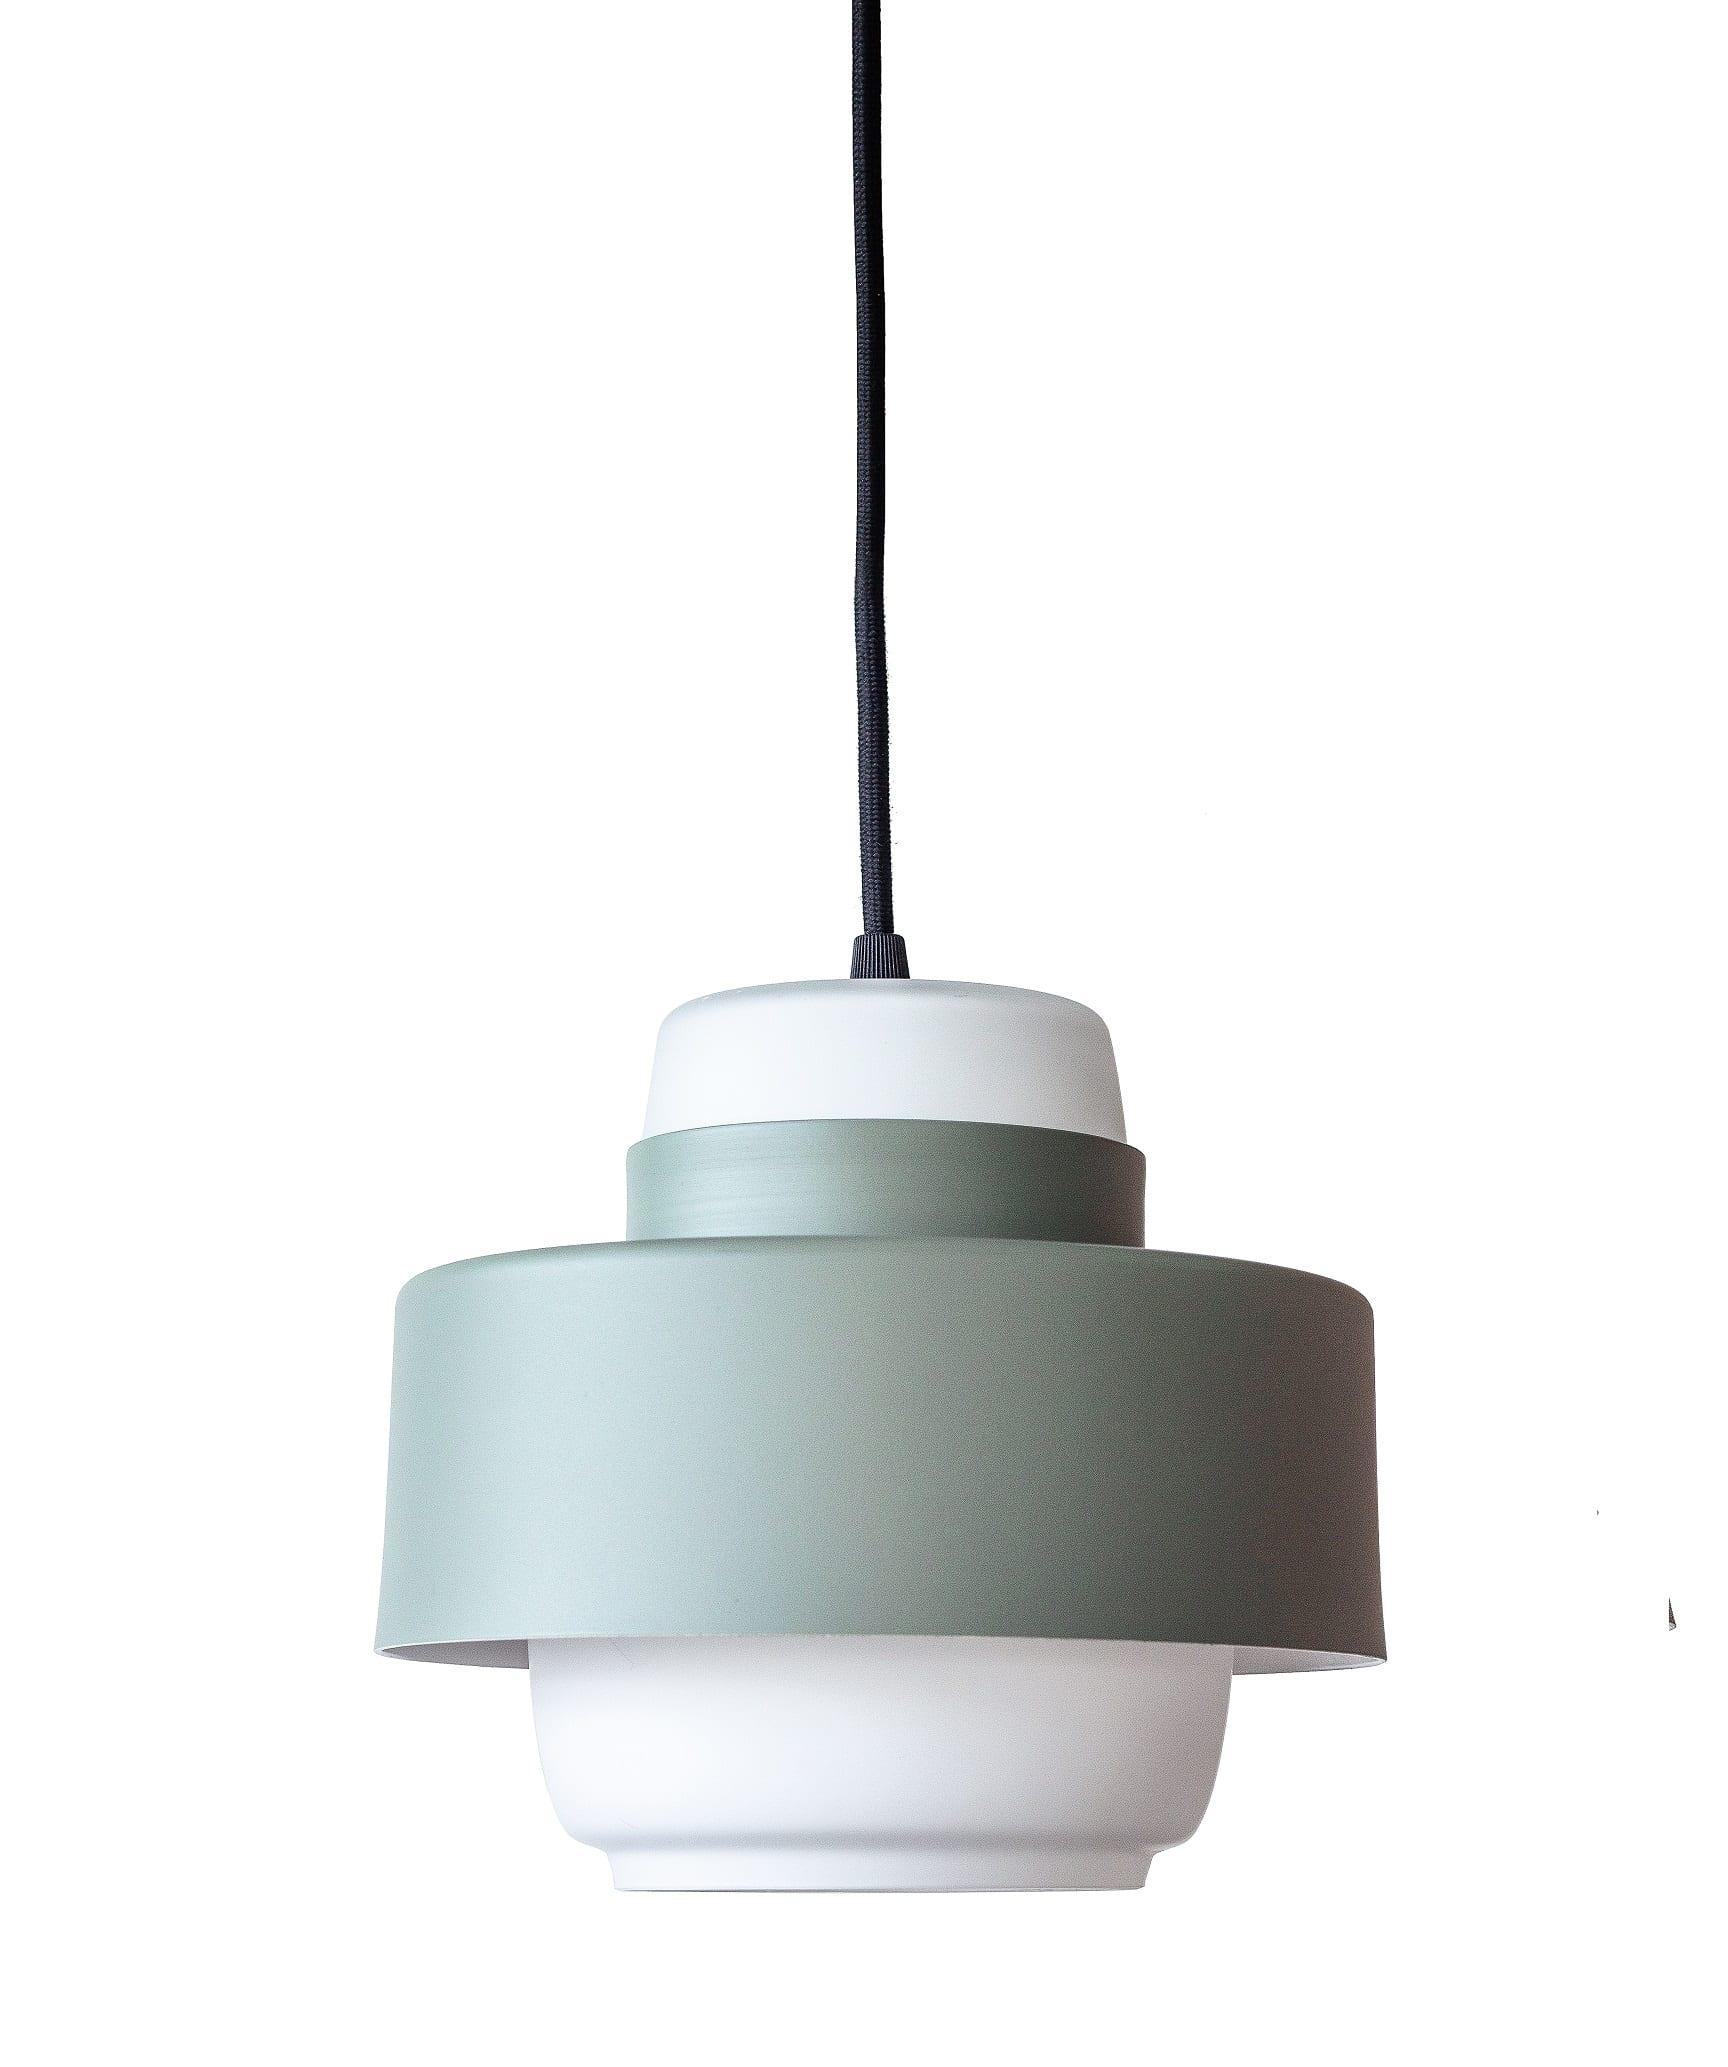 תאורה מעוצבת לבית מסדרת Lento